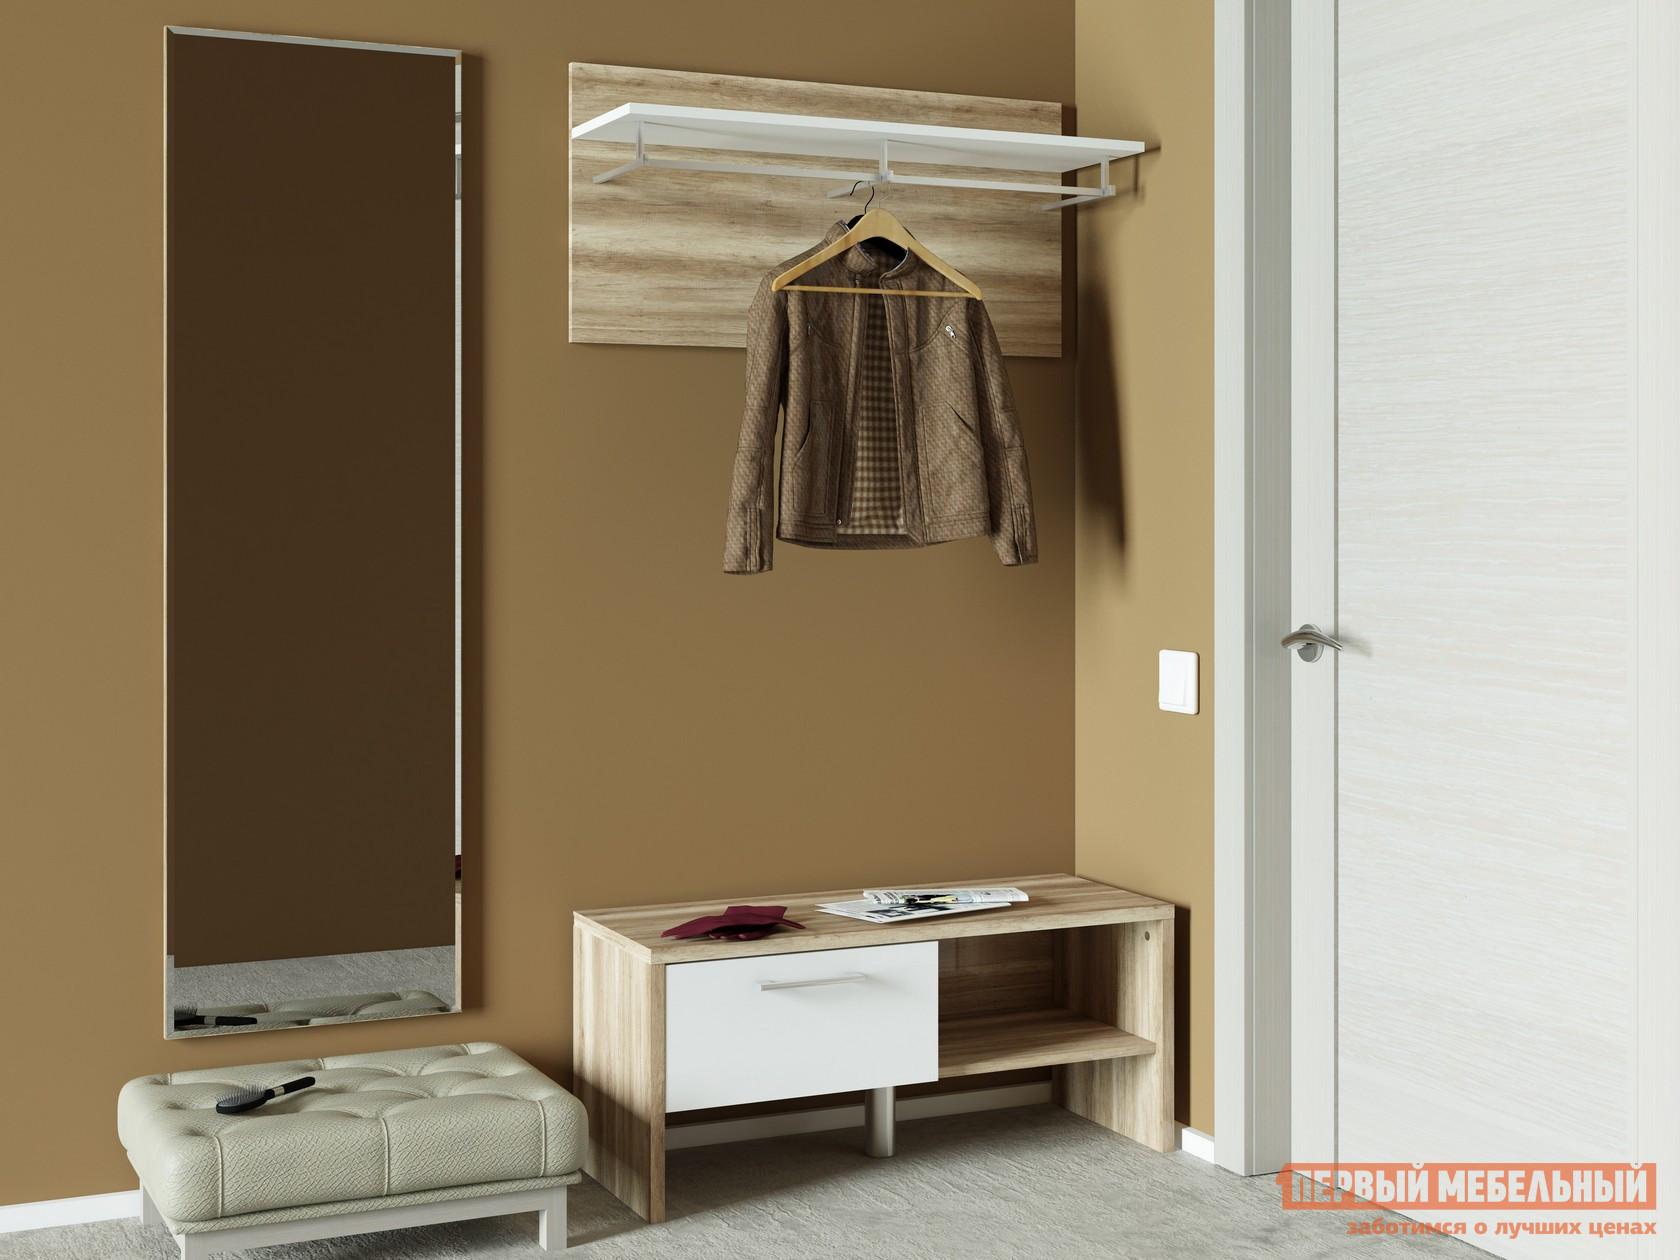 Модульная прихожая глянец Первый Мебельный Джулия К3 модульная прихожая с каретной стяжкой первый мебельный оскар 7 2